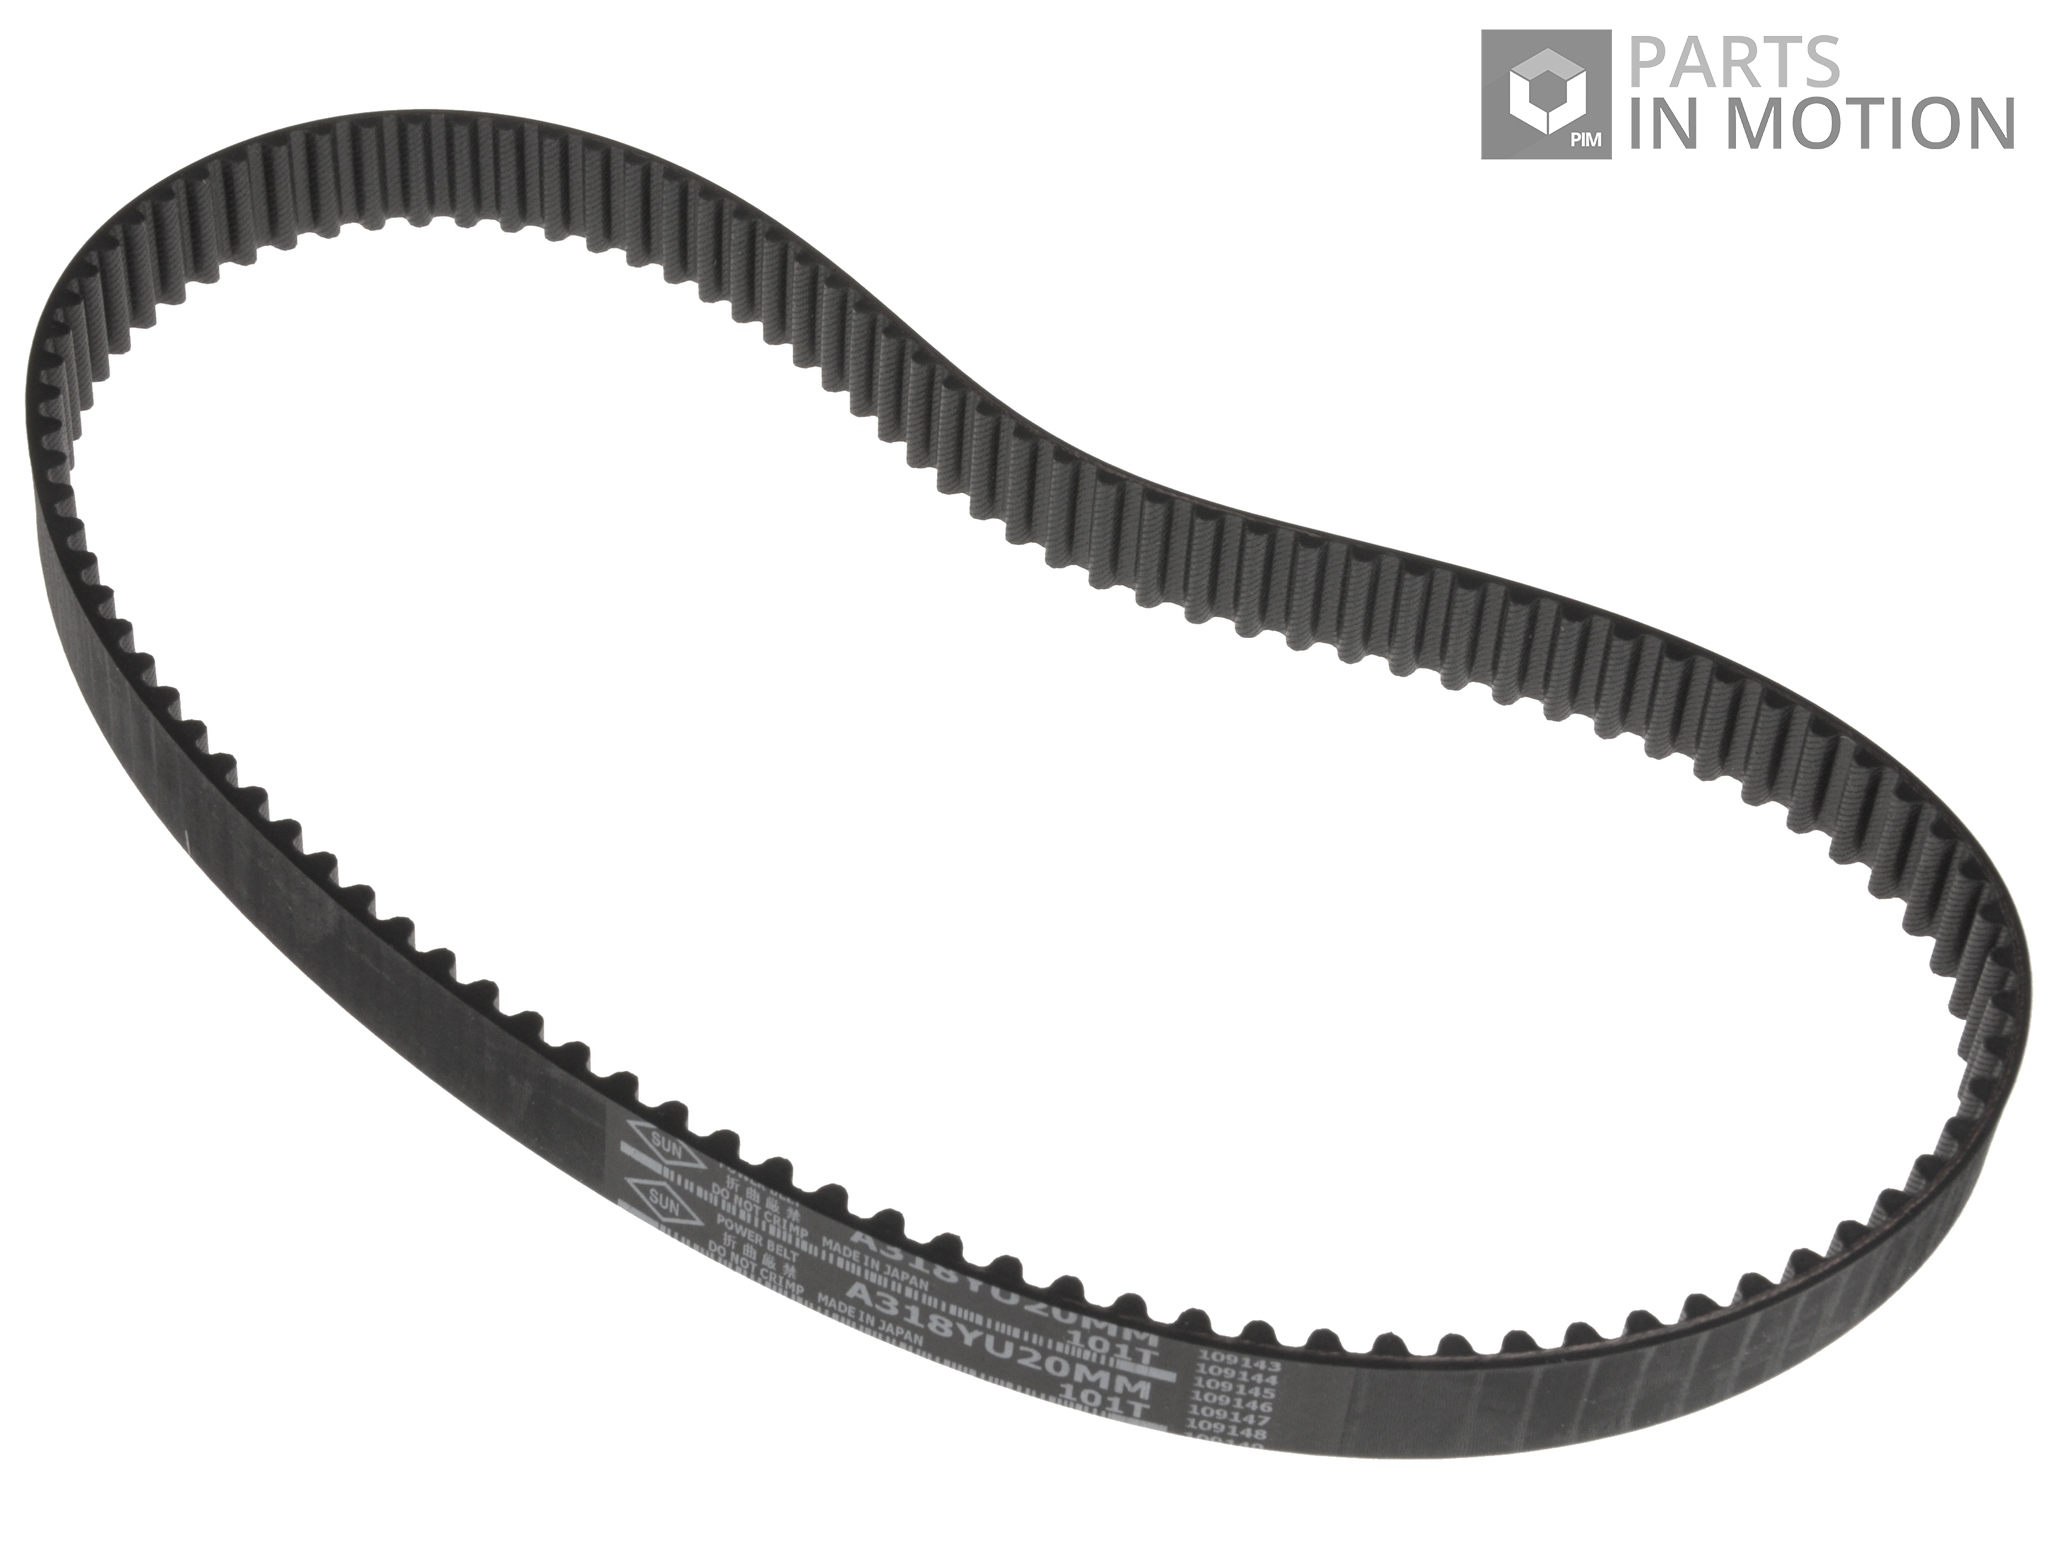 Blue Print Timing Belt Adg07505 Timing Belts